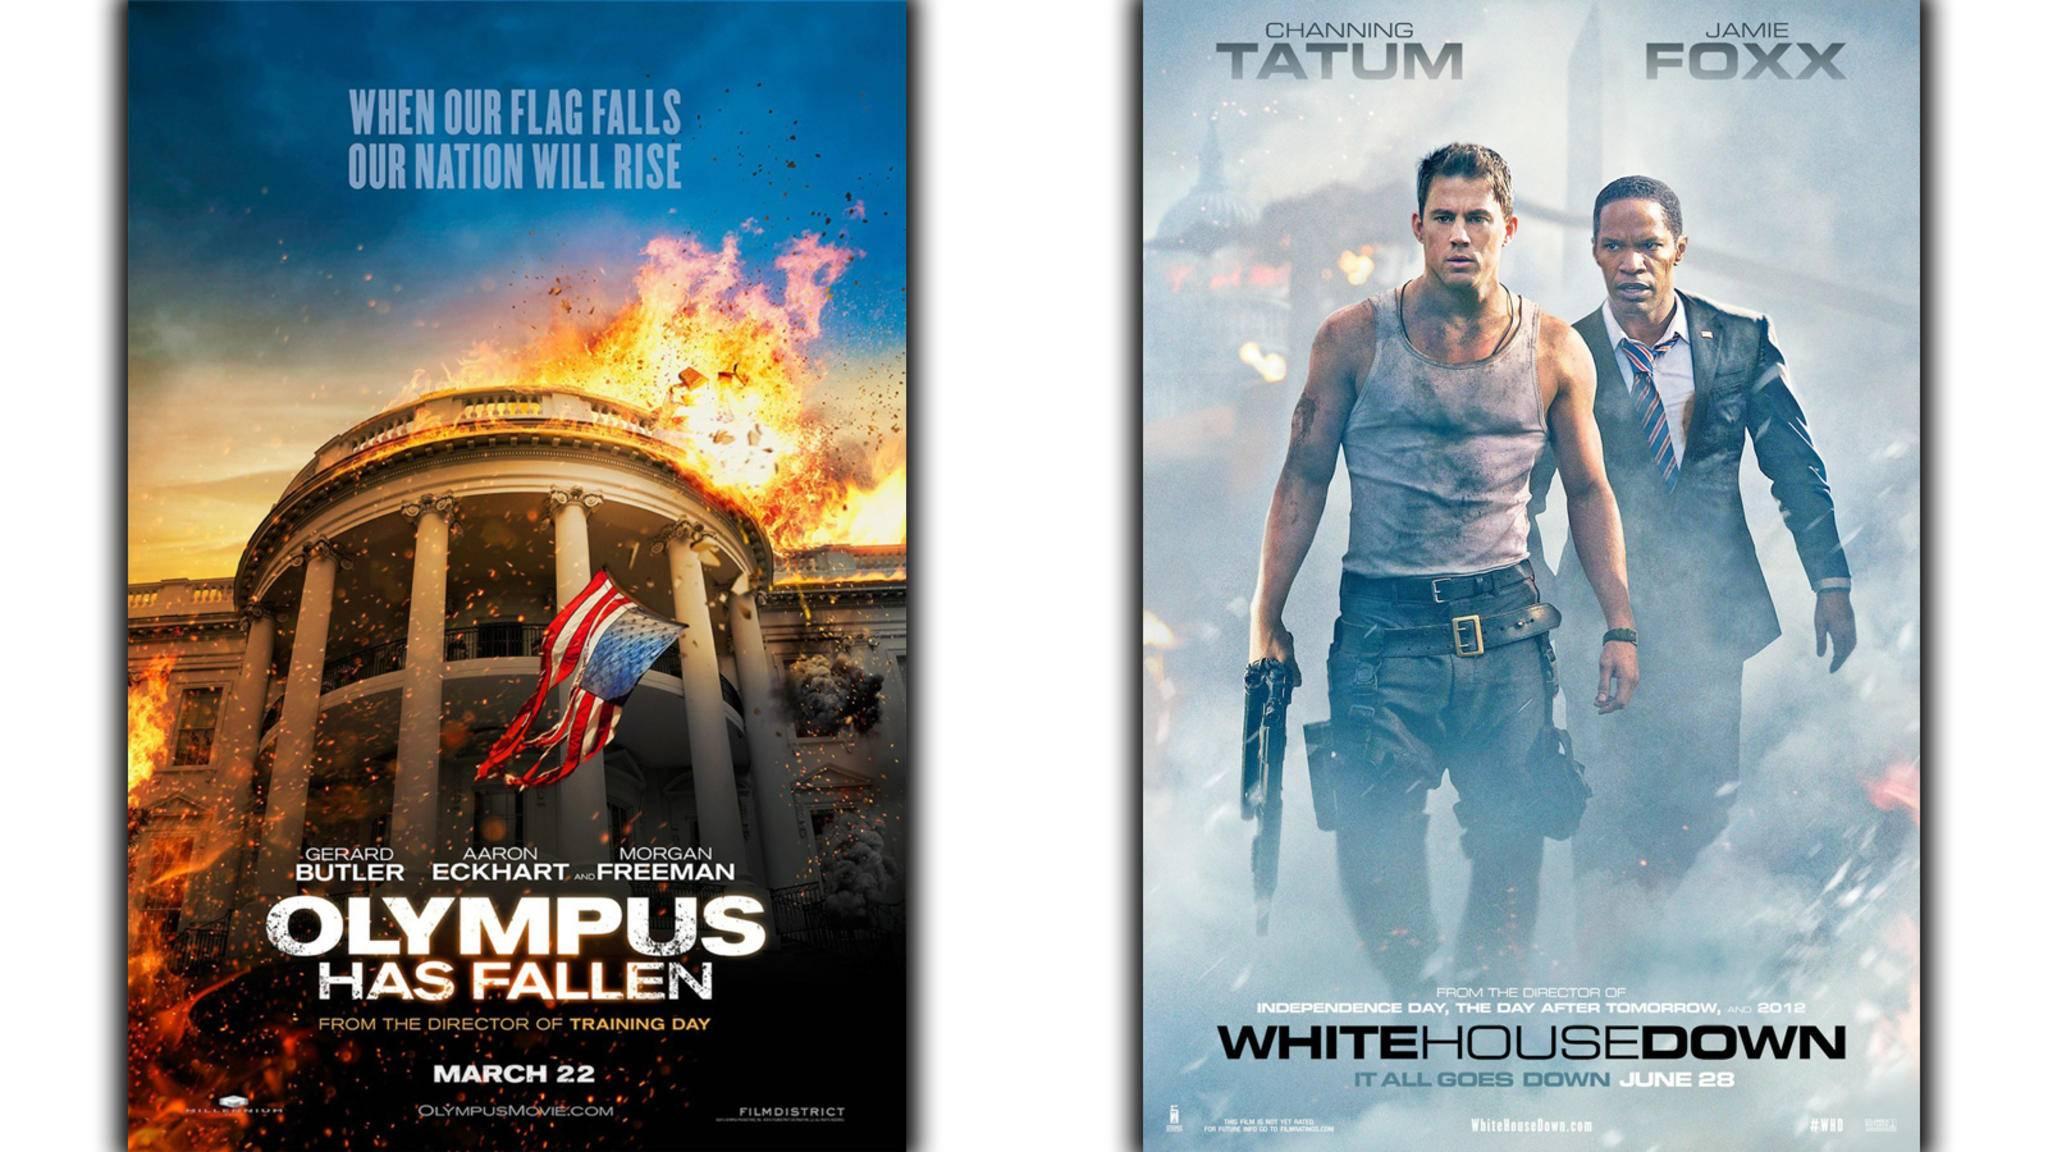 """Beide Filme erschienen im gleichen Jahr, beide hatten das gleiche Thema: """"Olympus Has Fallen"""" und """"White House Down""""."""